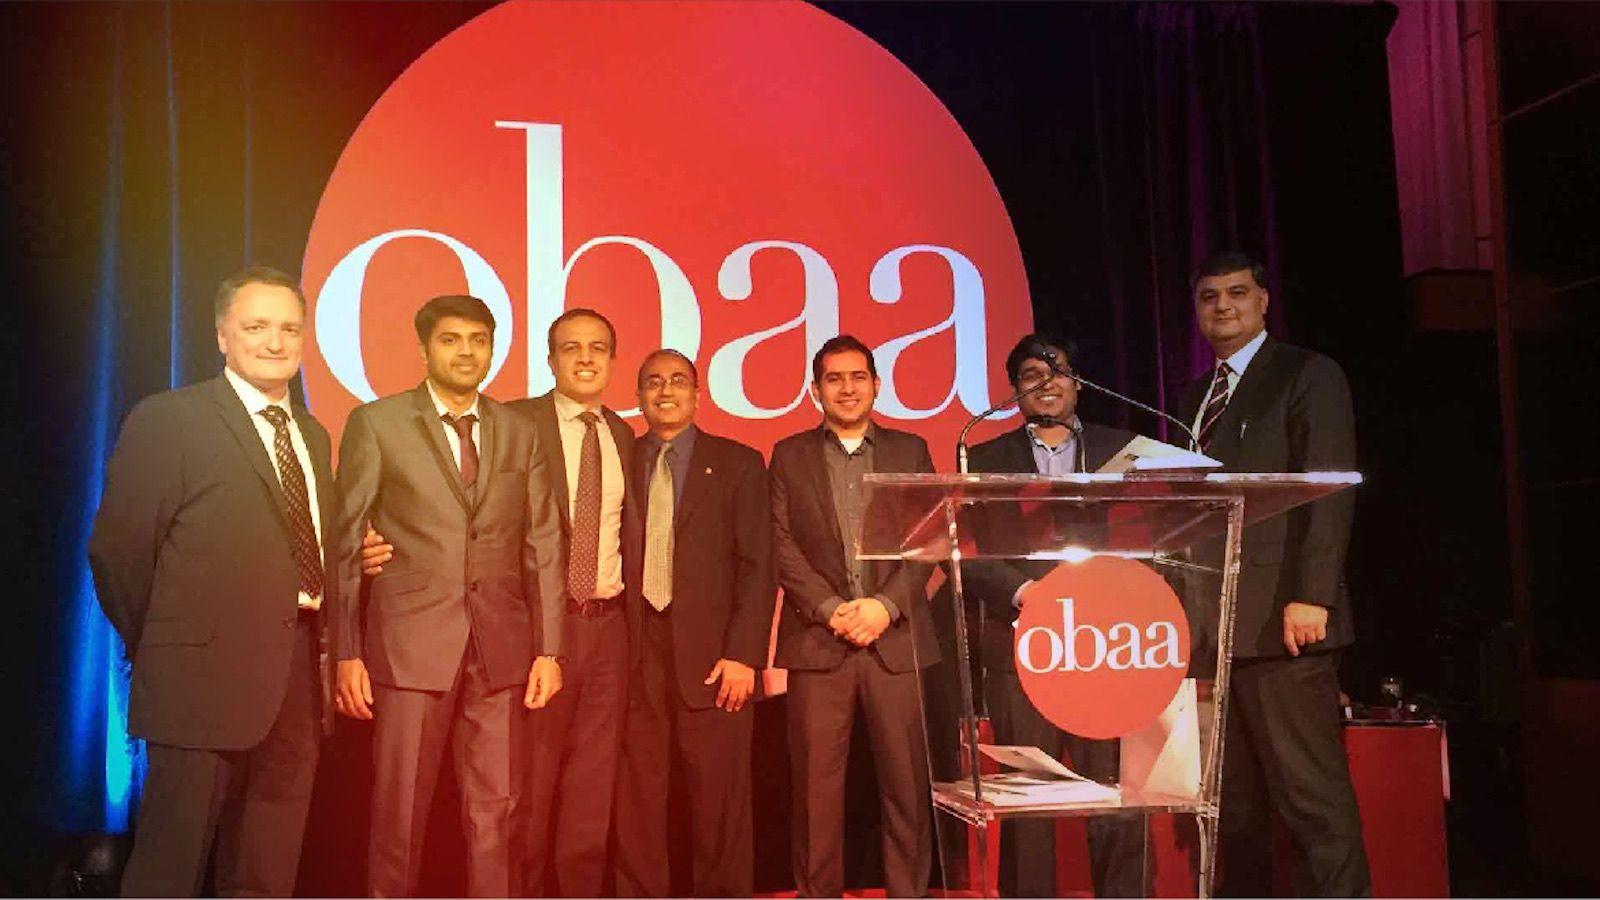 OBAA mobileLIVE Award